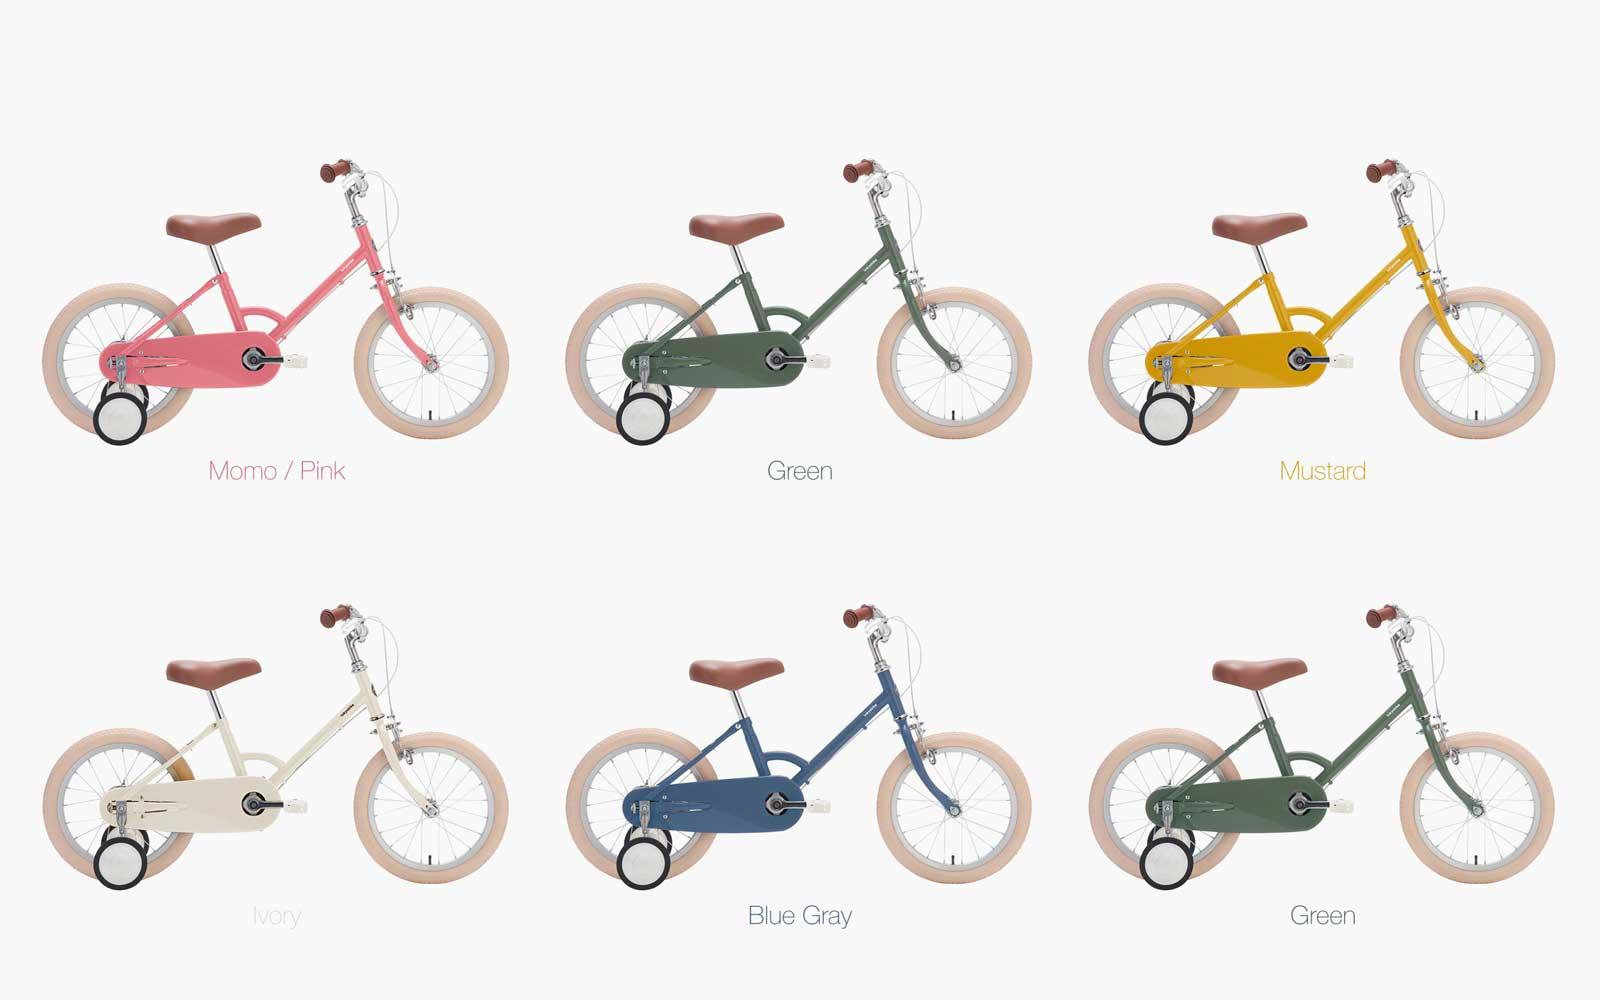 tokyobike kid - จักรยานเด็ก สำหรับเด็ก